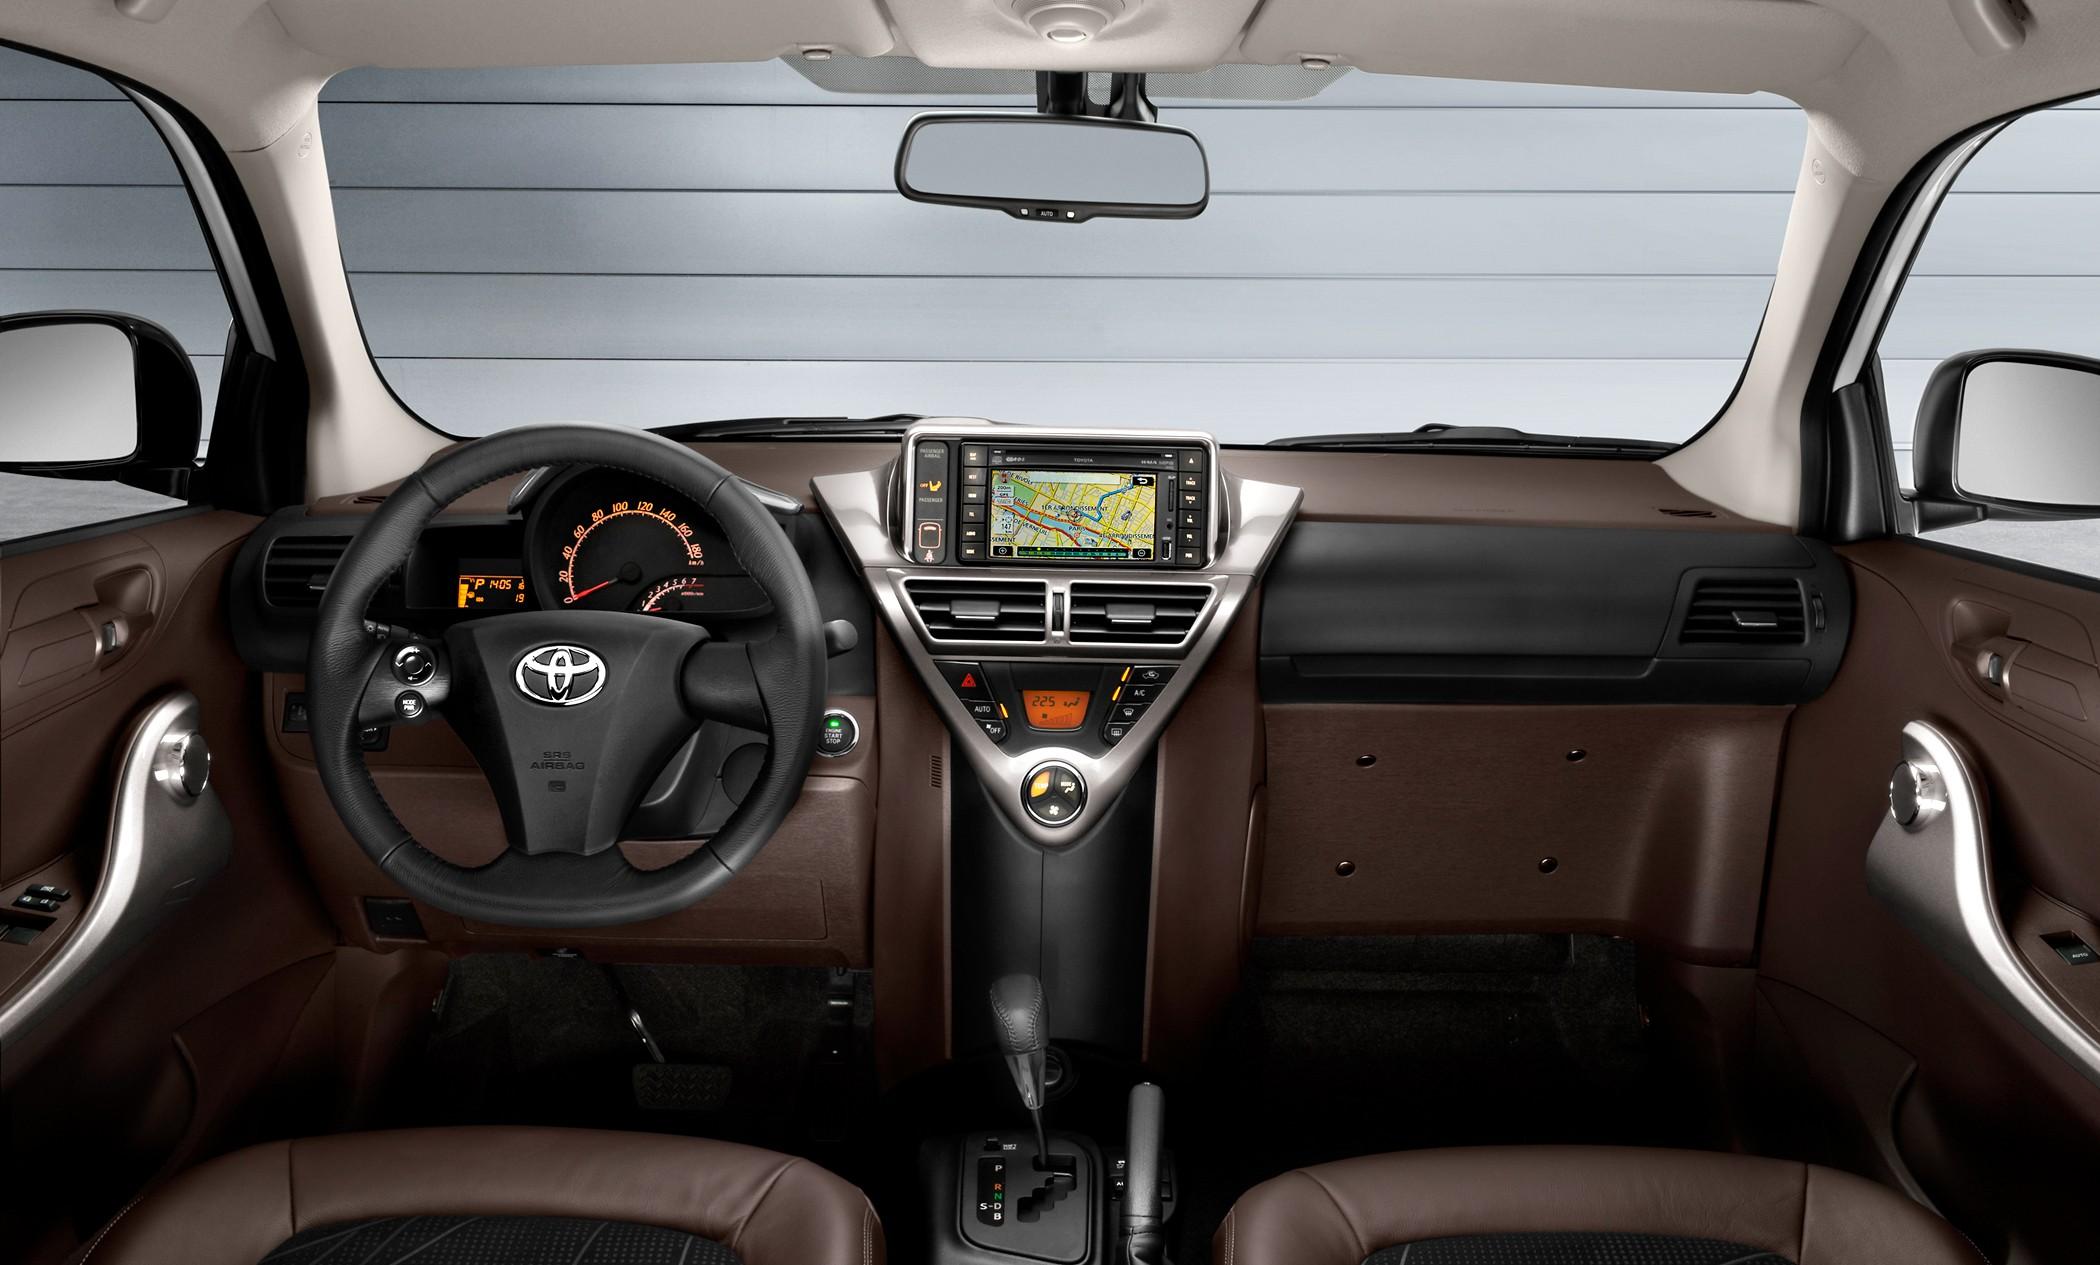 2009 Toyota iQ - Picture 45180